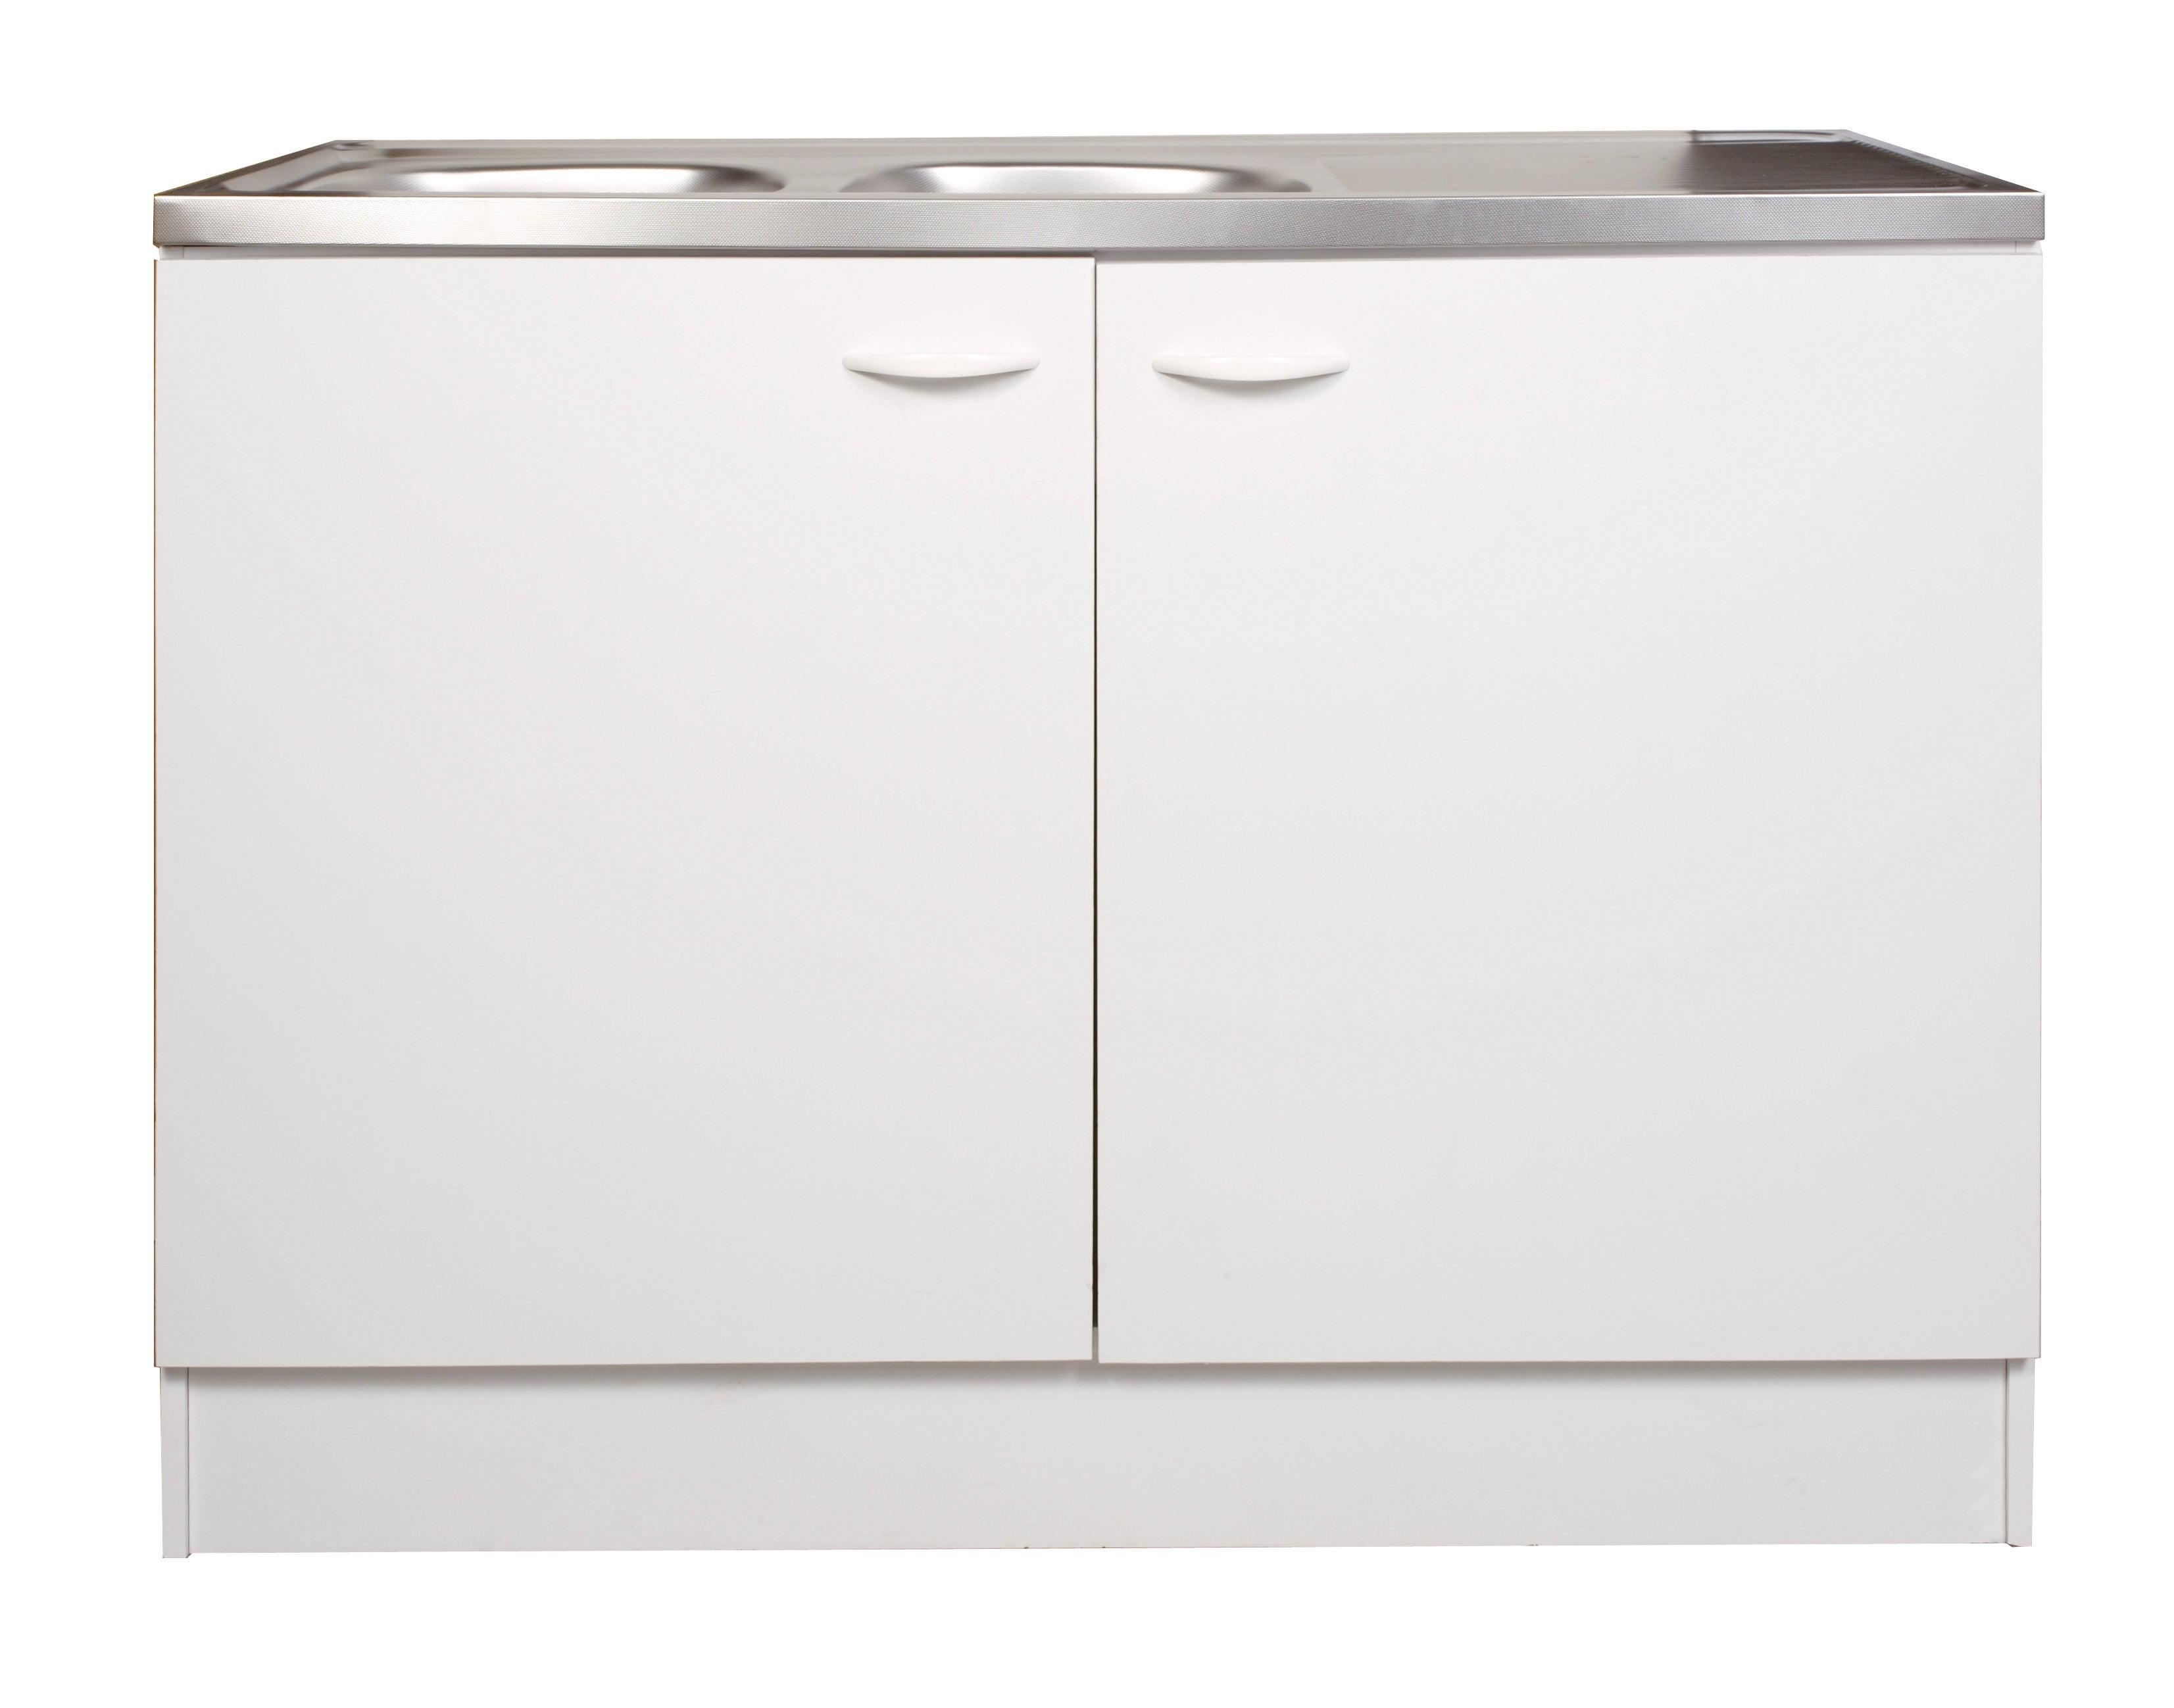 Meuble de cuisine sous-évier 14 portes, blanc, h14x l1140x p14cm